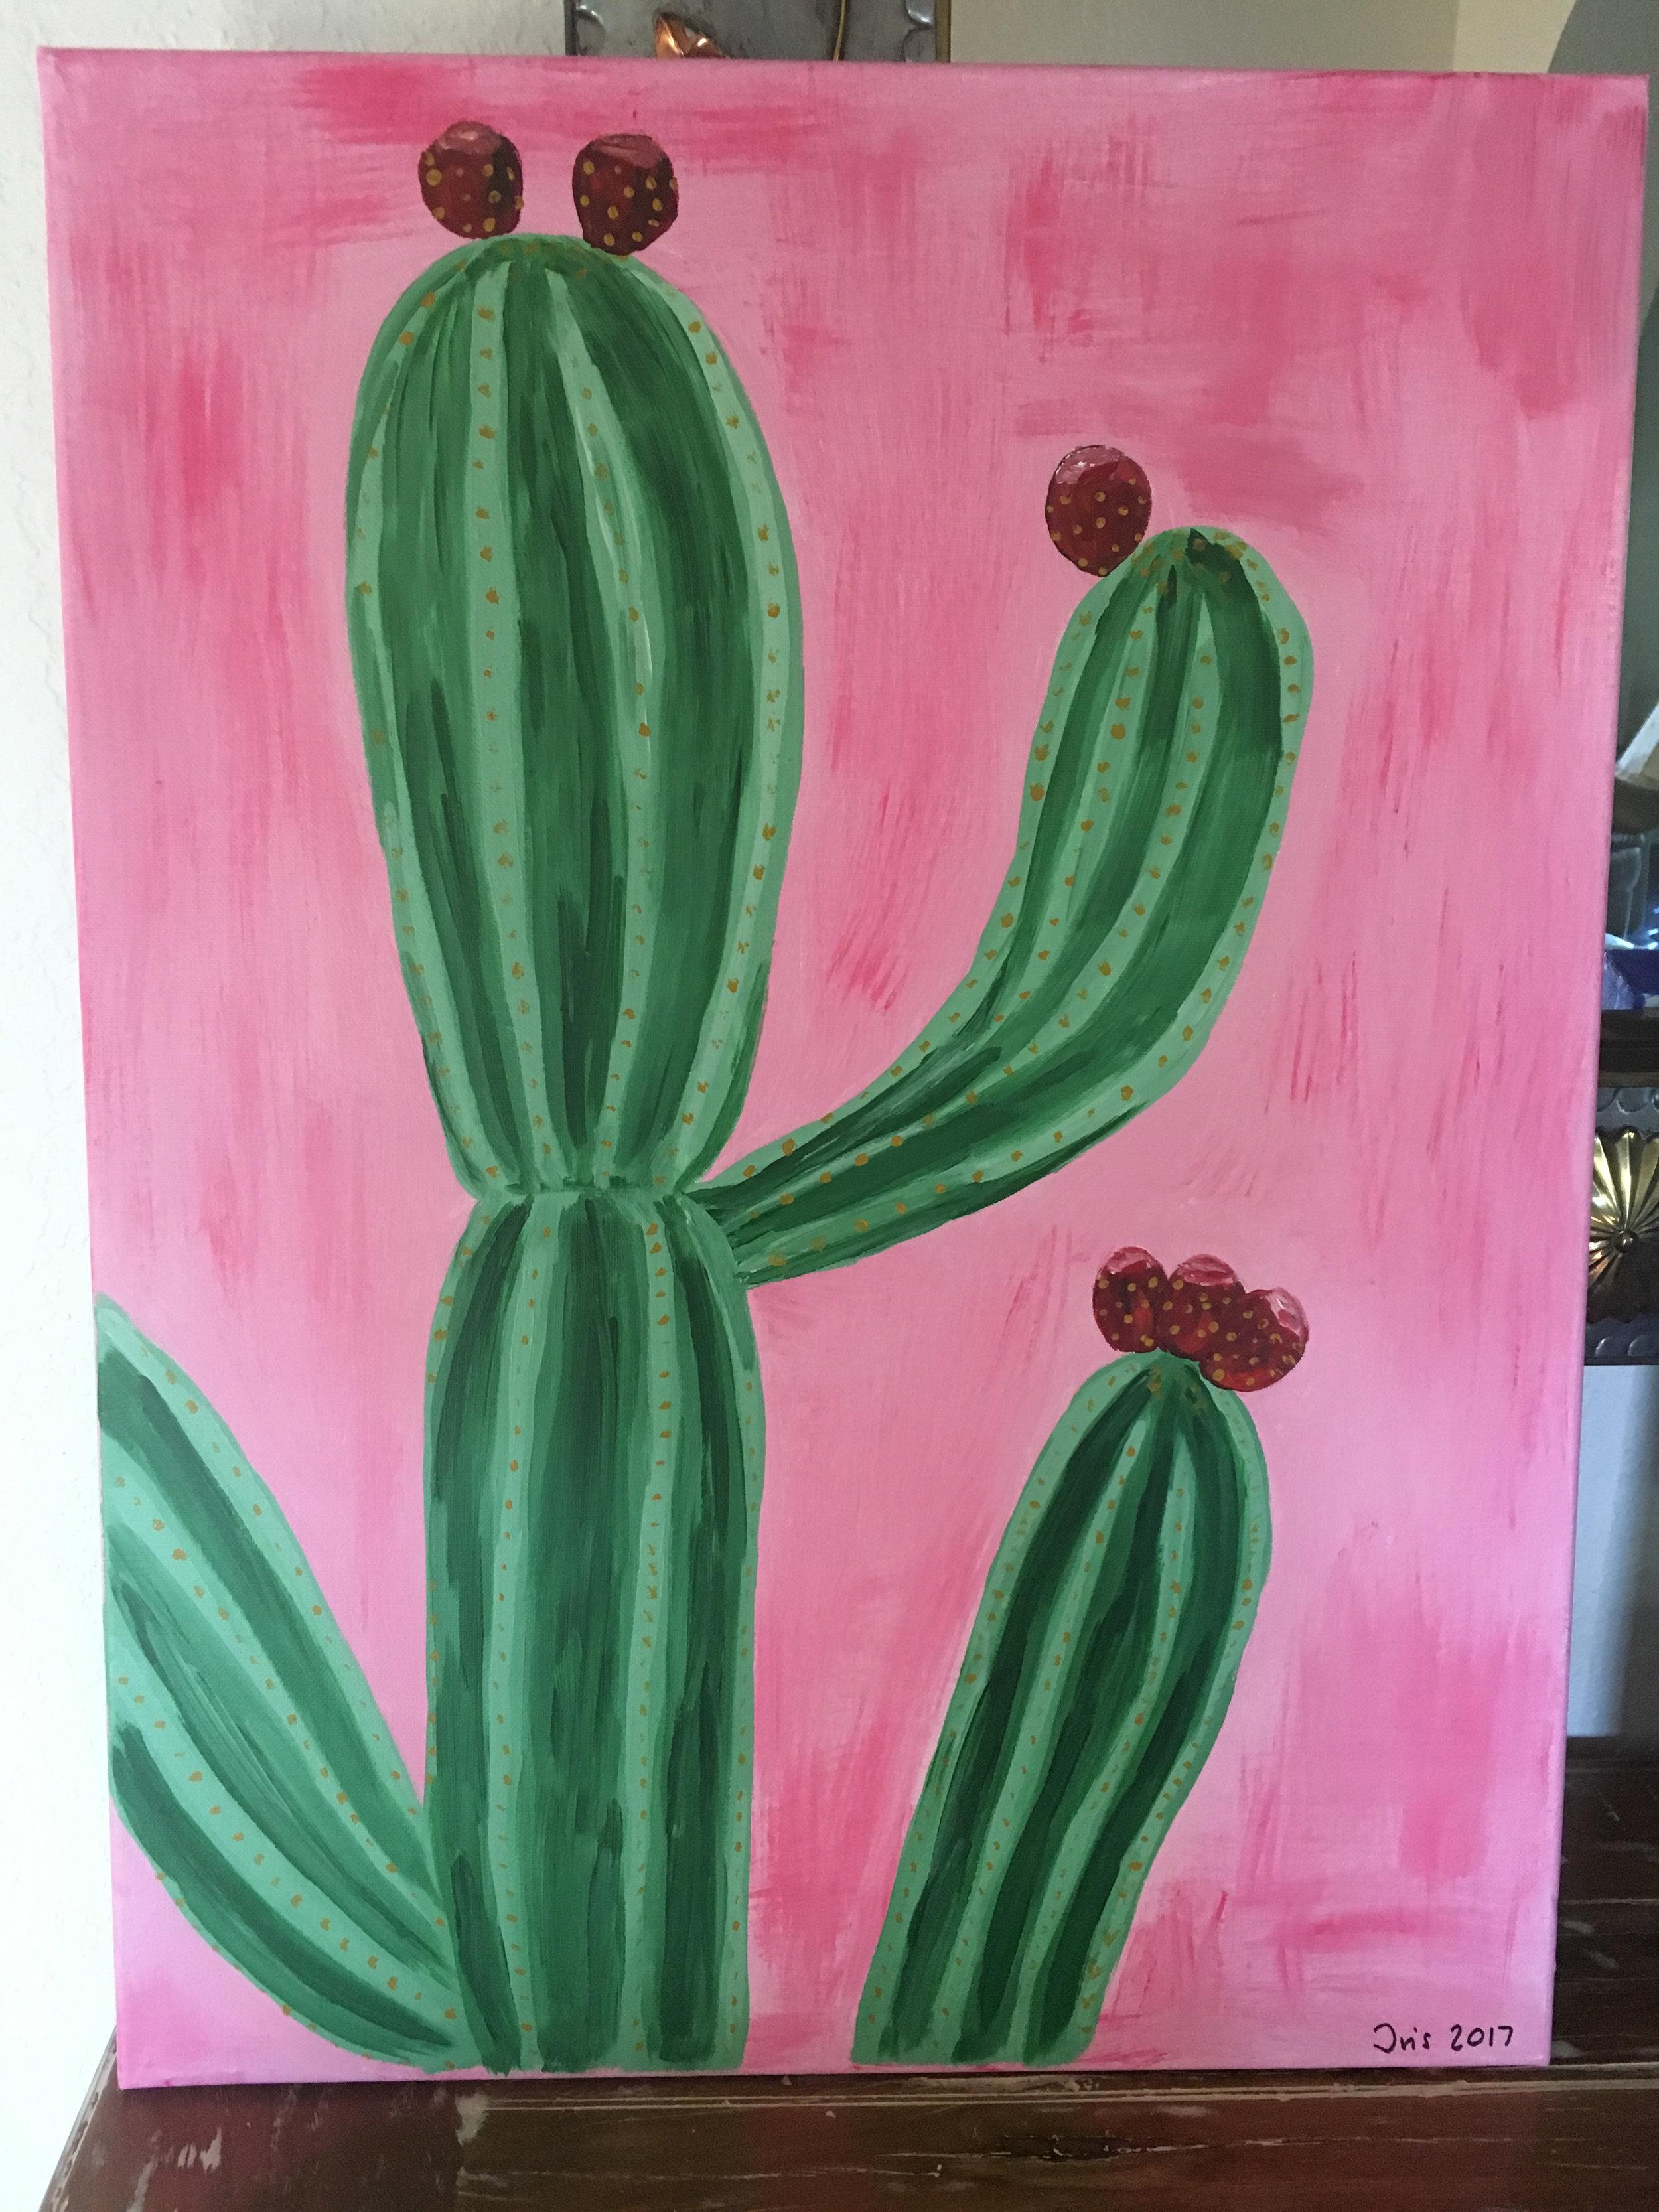 Iris' cactus masterpiece